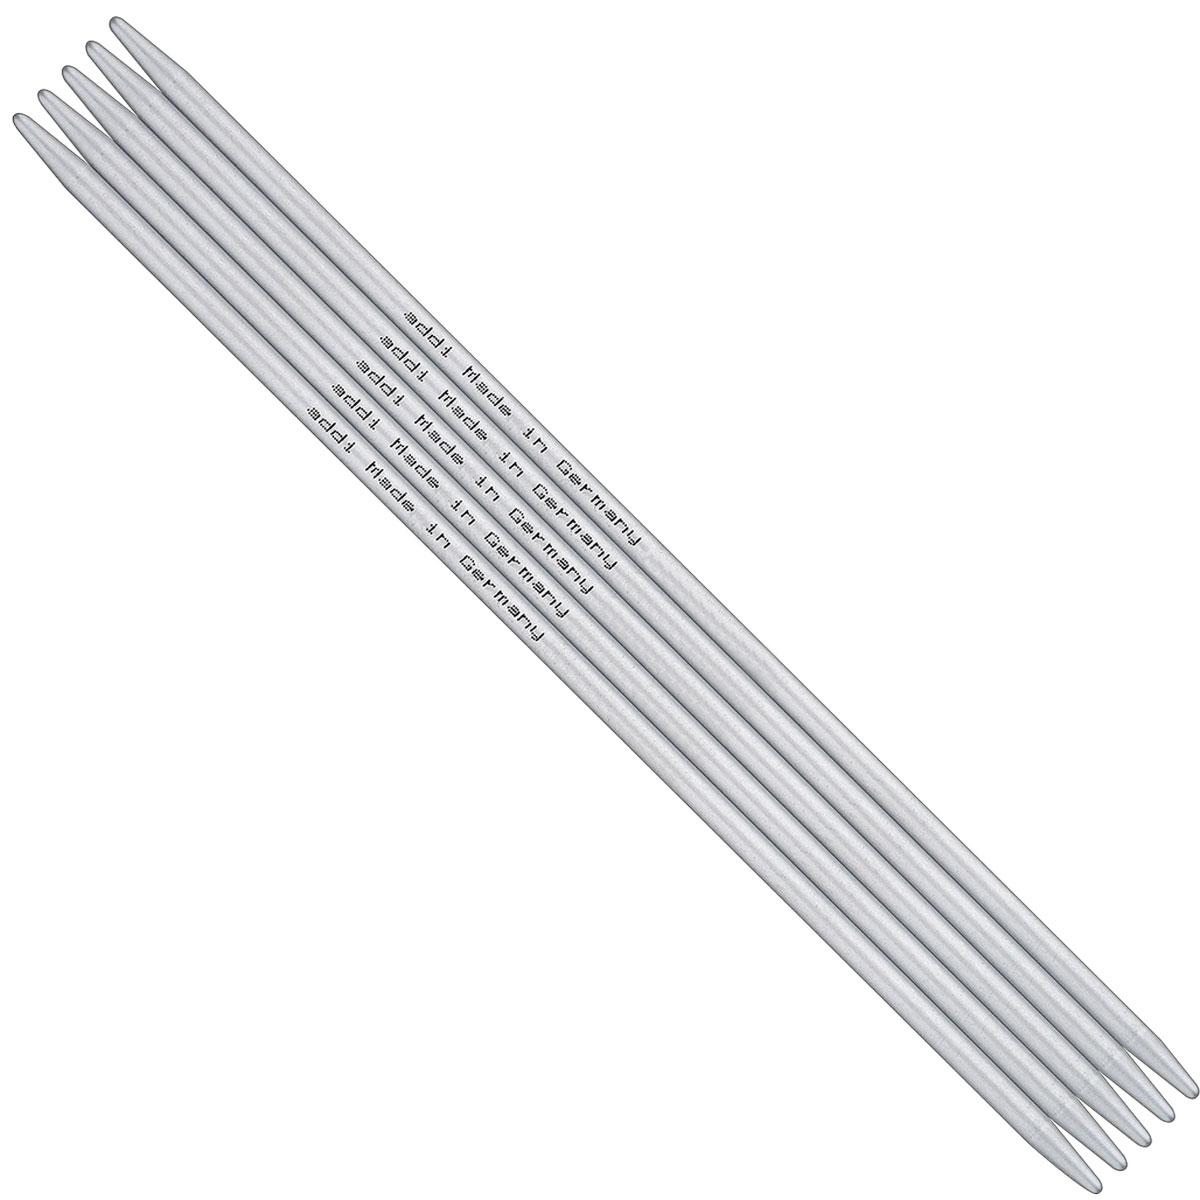 Спицы чулочные Addi, алюминиевые, диаметр 3 мм, длина 20 см, 5 шт201-7/3-20Чулочные спицы для вязания Addi, изготовленные из алюминия, не имеют ограничителей и предназначены для вязания бейки горловины, чулок, шапочек, варежек и носков. Спицы прочные, легкие, гладкие и удобные в использовании. Спицы обладают прекрасными тактильными качествами и благородным серебристо-матовым цветом. Уникальный стук при вязании радует слух. За счет гладкой поверхности работать с ними легко и удобно. На саму спицу нанесен размер, длина и надпись: Made in Germany. Вы сможете вязать для себя и делать подарки друзьям. Рукоделие всегда считалось изысканным, благородным делом. Работа, сделанная своими руками, долго будет радовать вас и ваших близких.